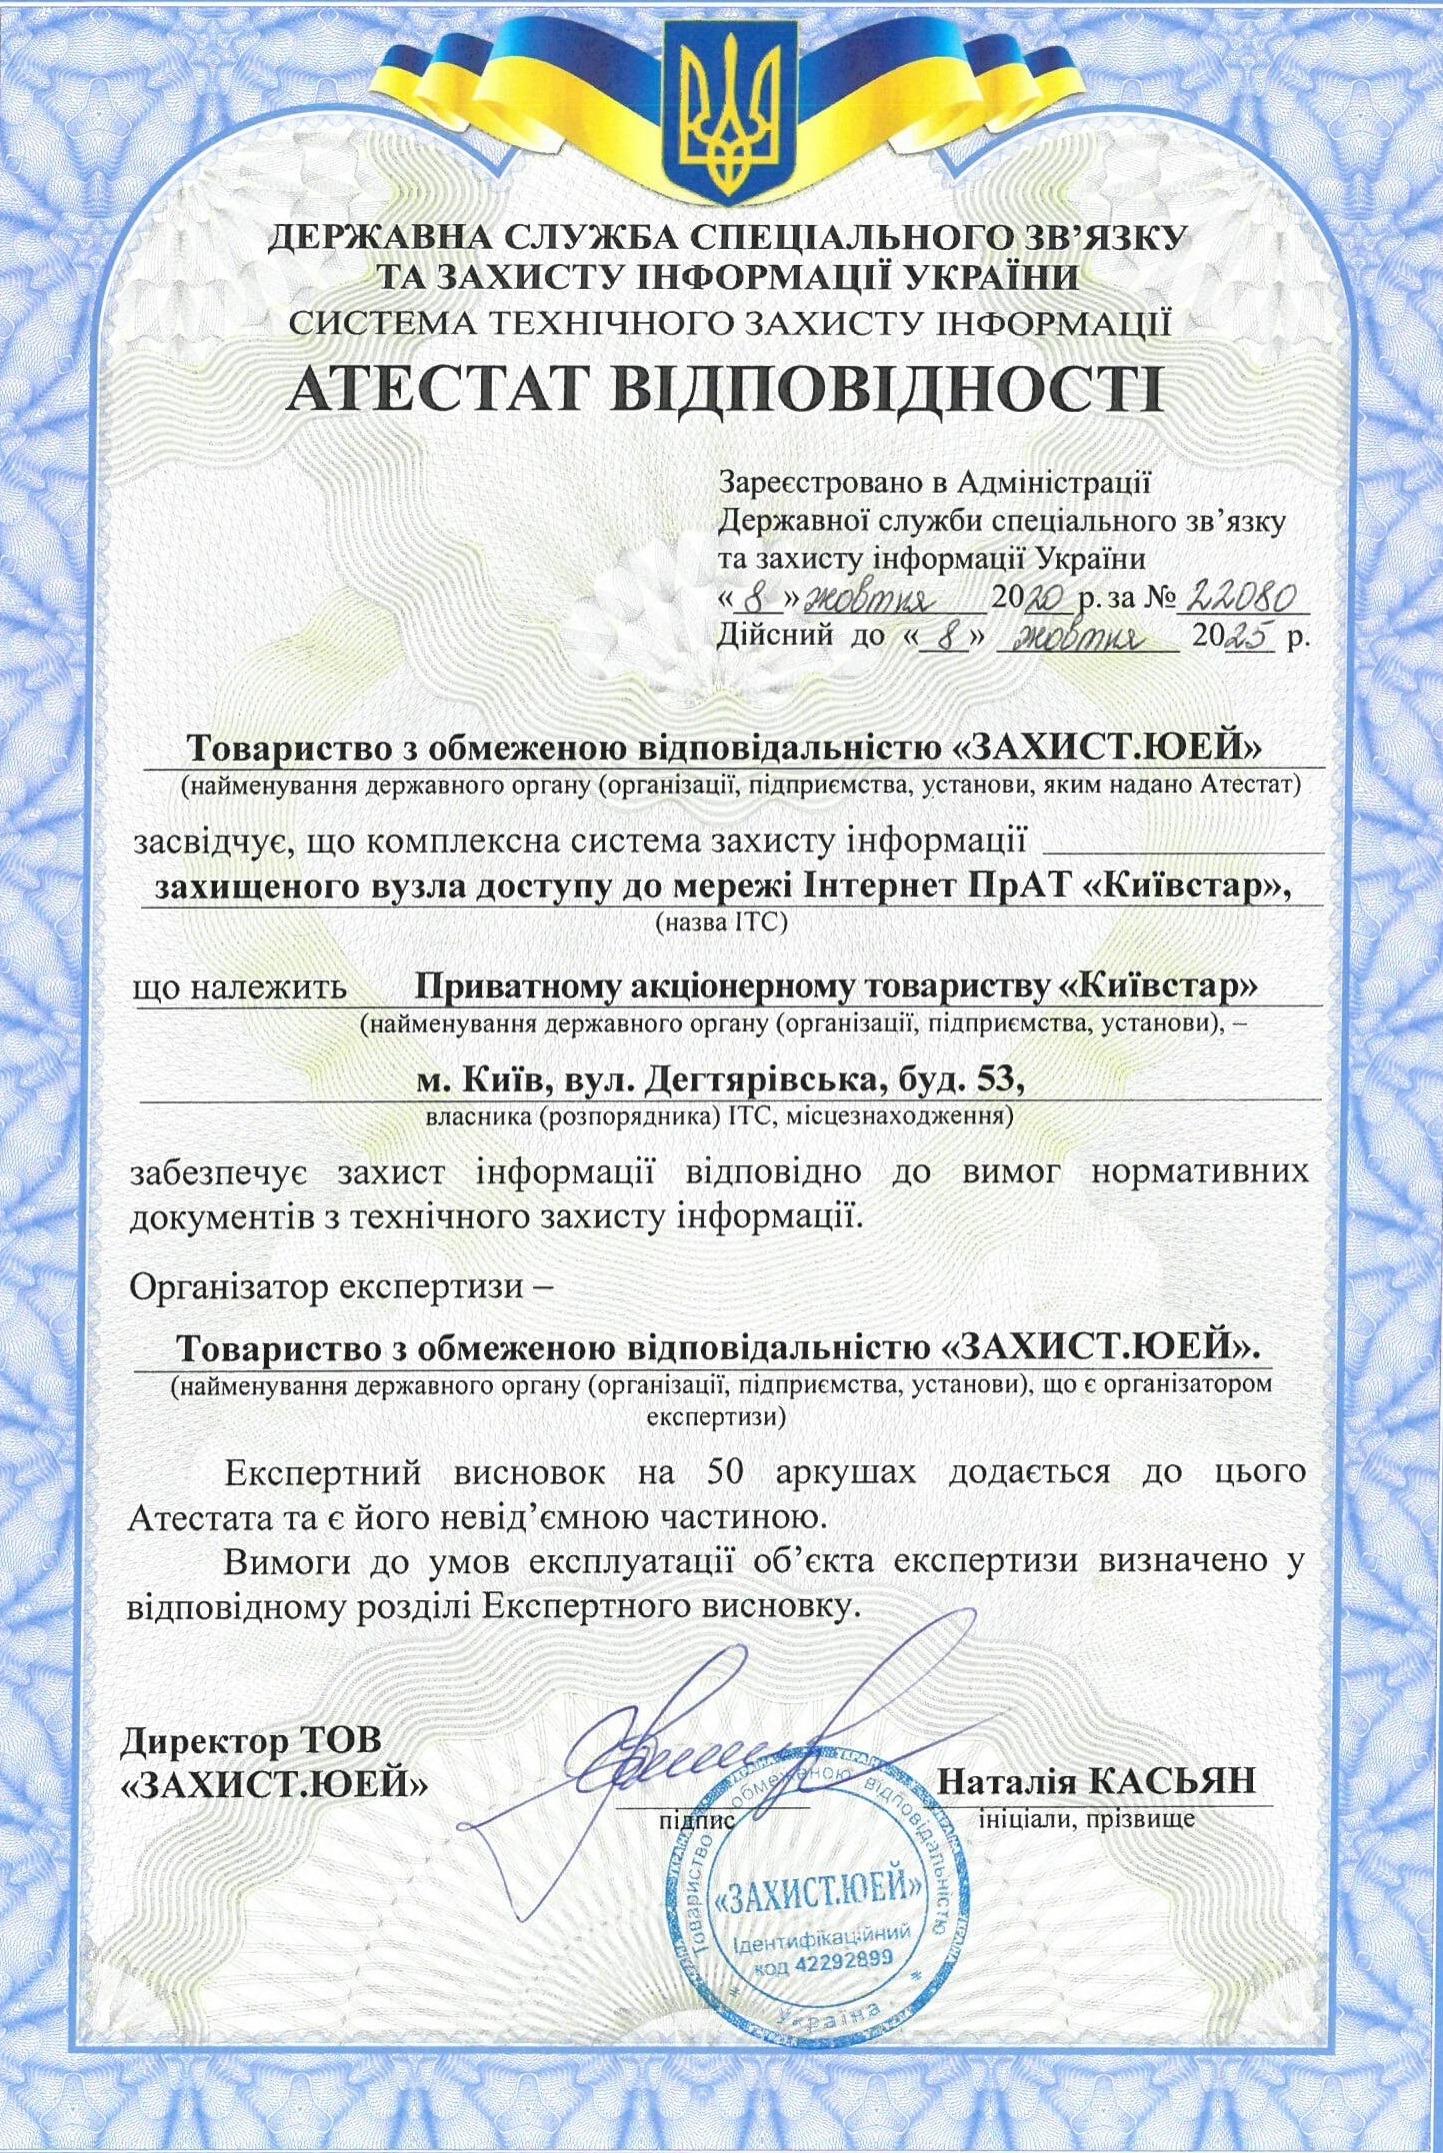 Київстар забезпечує надійний та захищений доступ до мережі Інтернет, автор Київстар | Kyivstar Business Hub, зображення №2